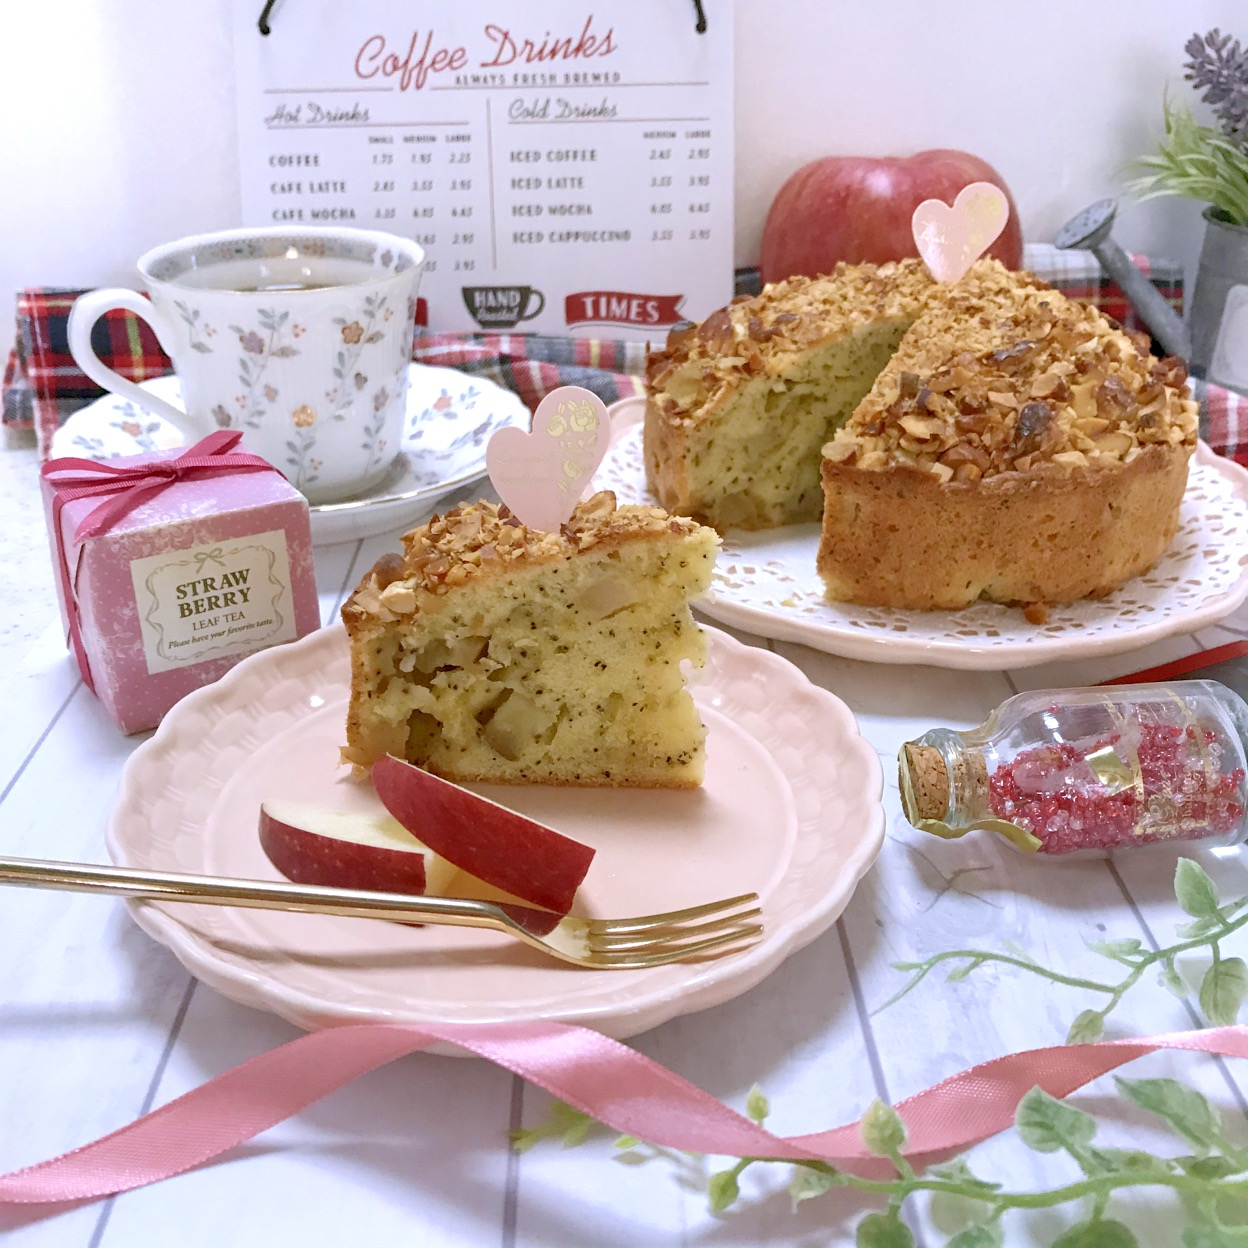 リンゴと紅茶のケーキ